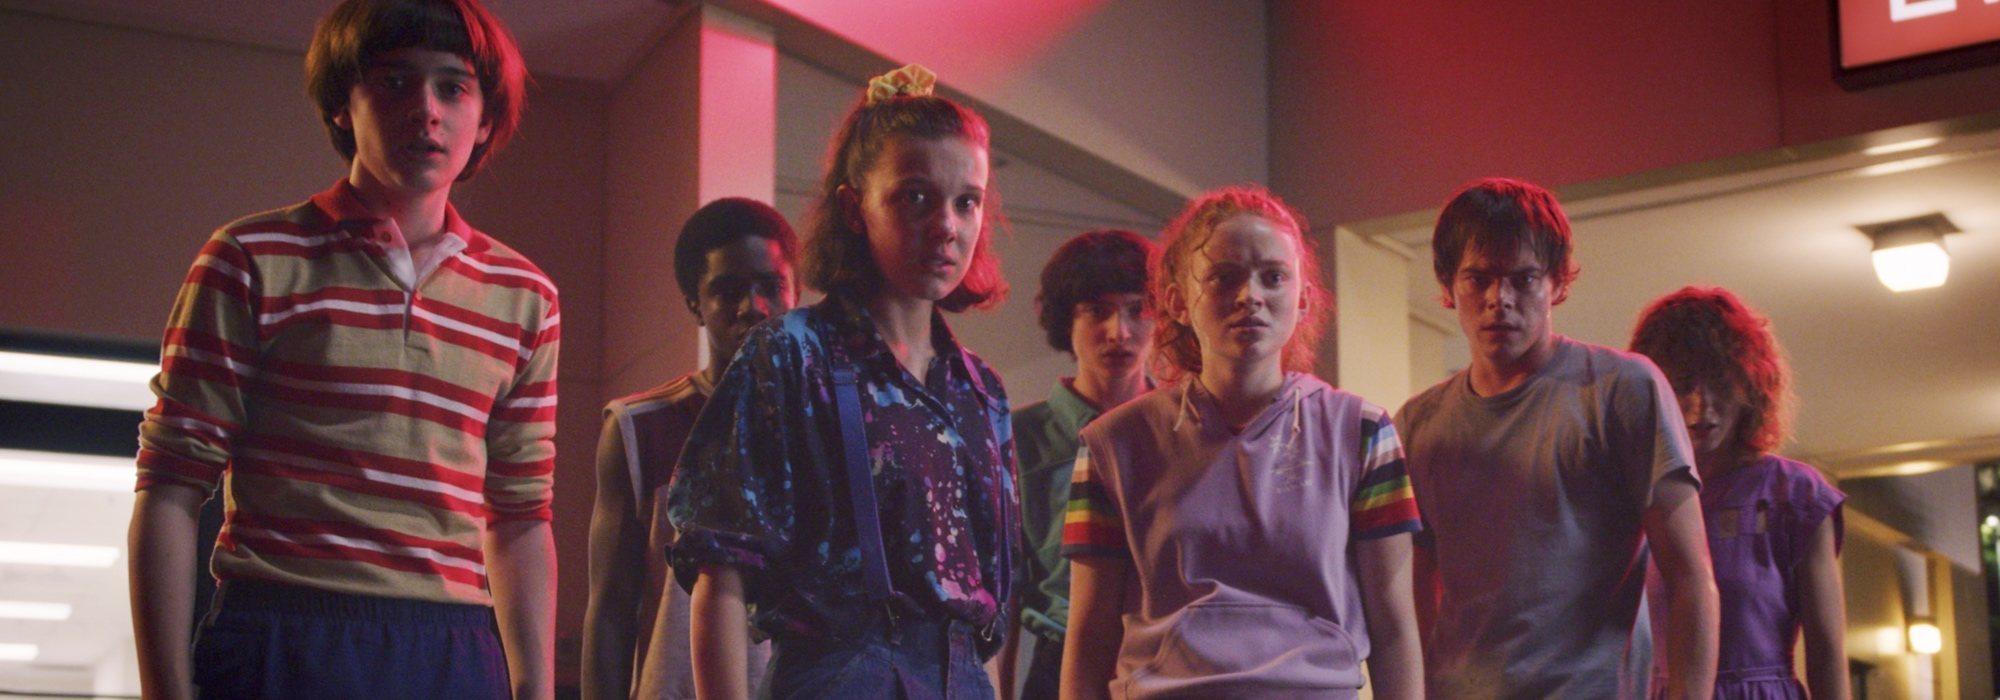 Crítica de 'Stranger Things' (Temporada 3): Las terceras partes nunca fueron buenas